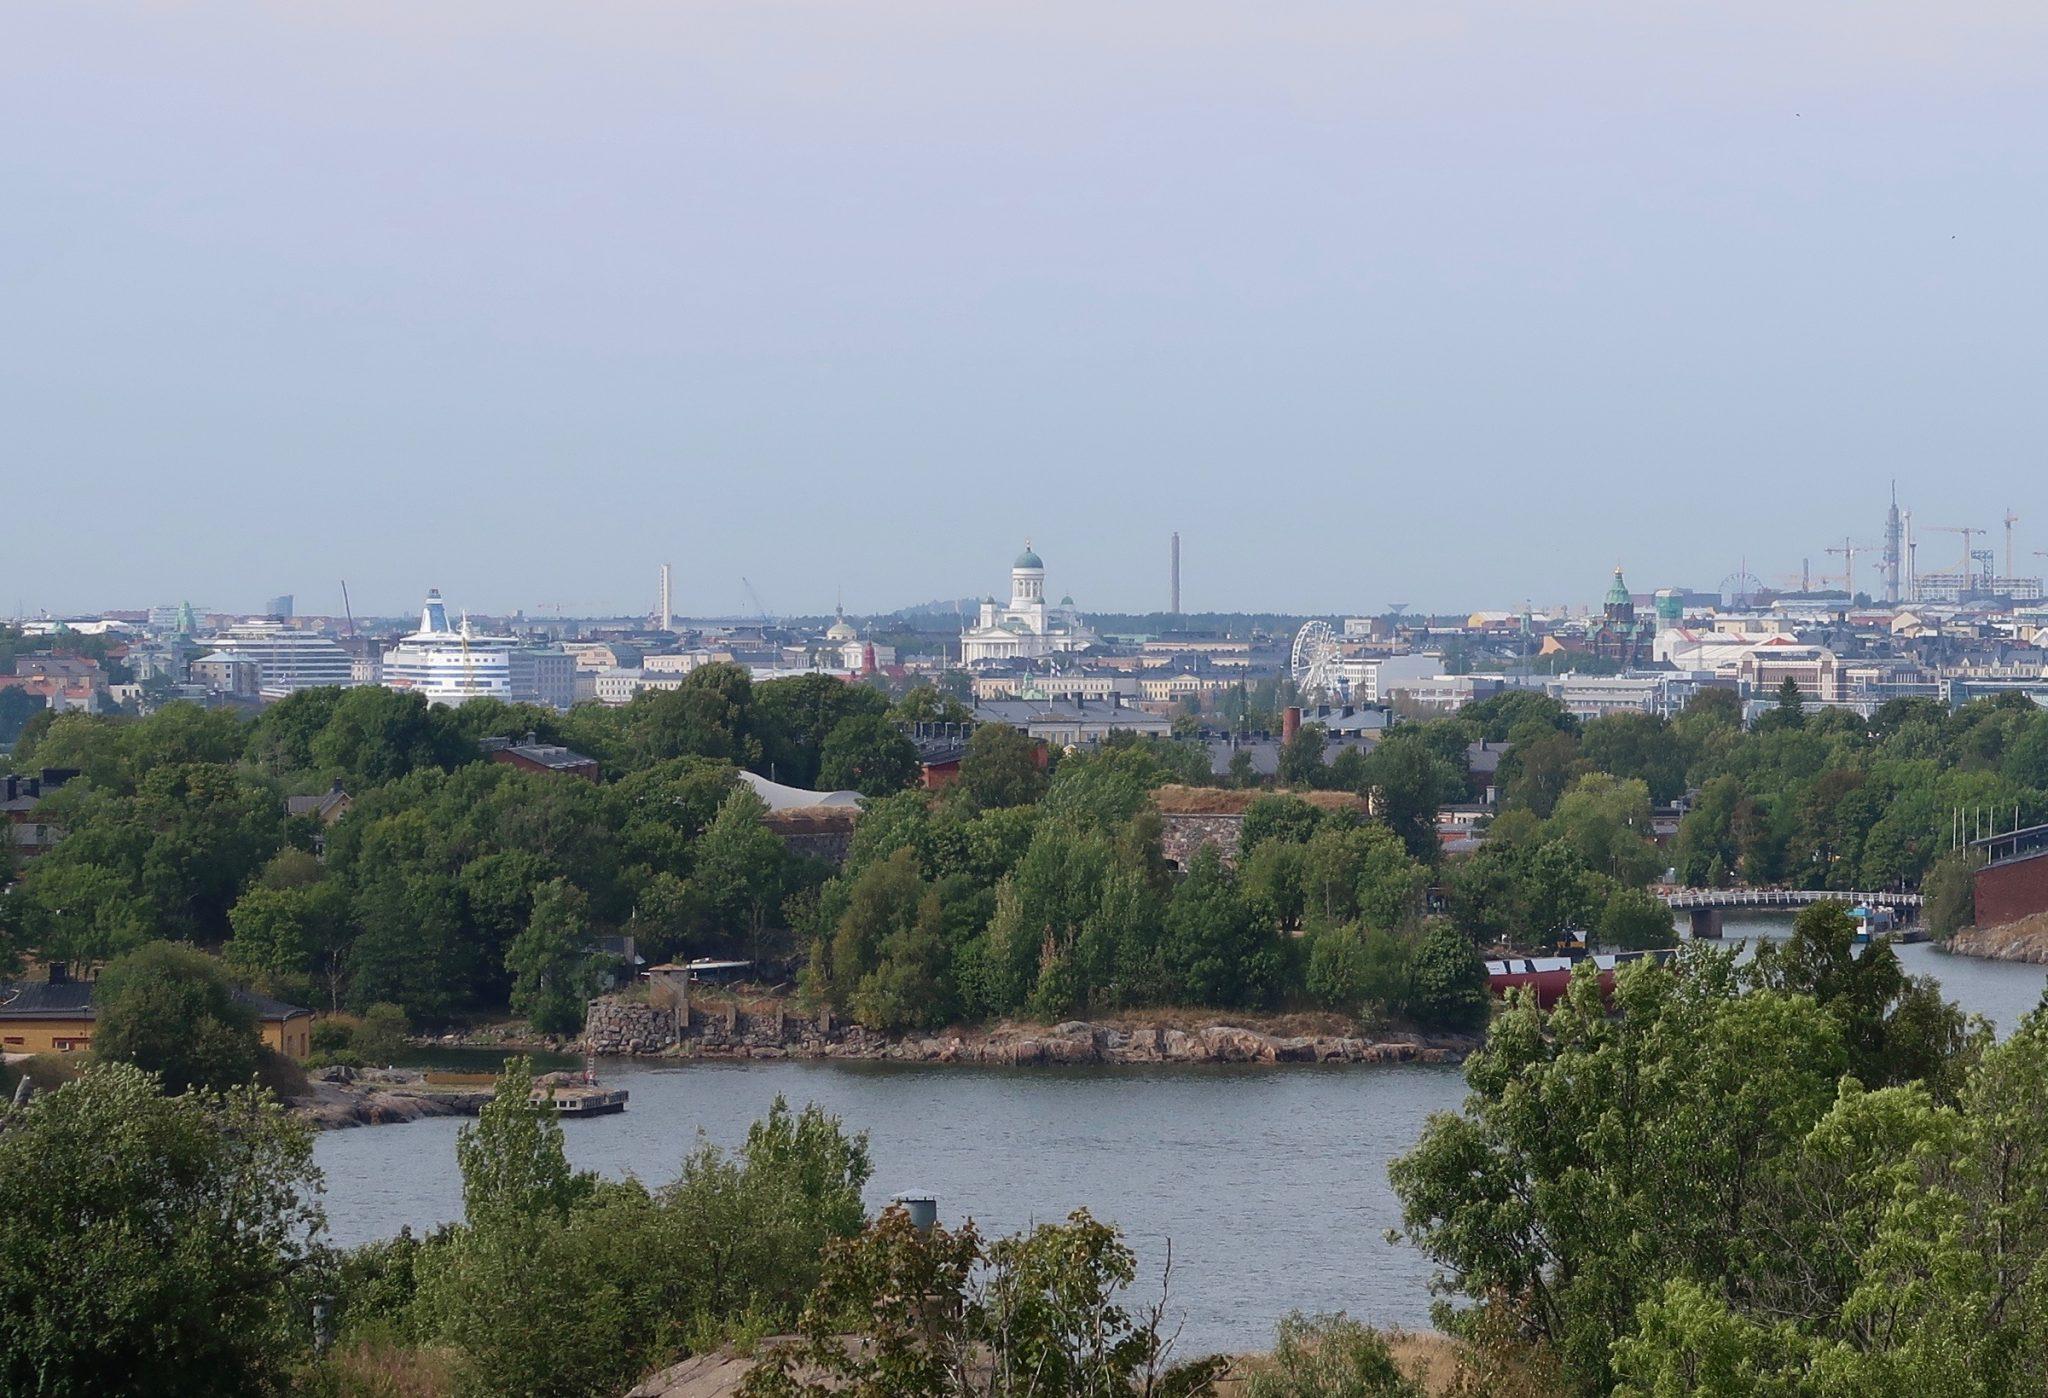 Helsinki Vallisaari